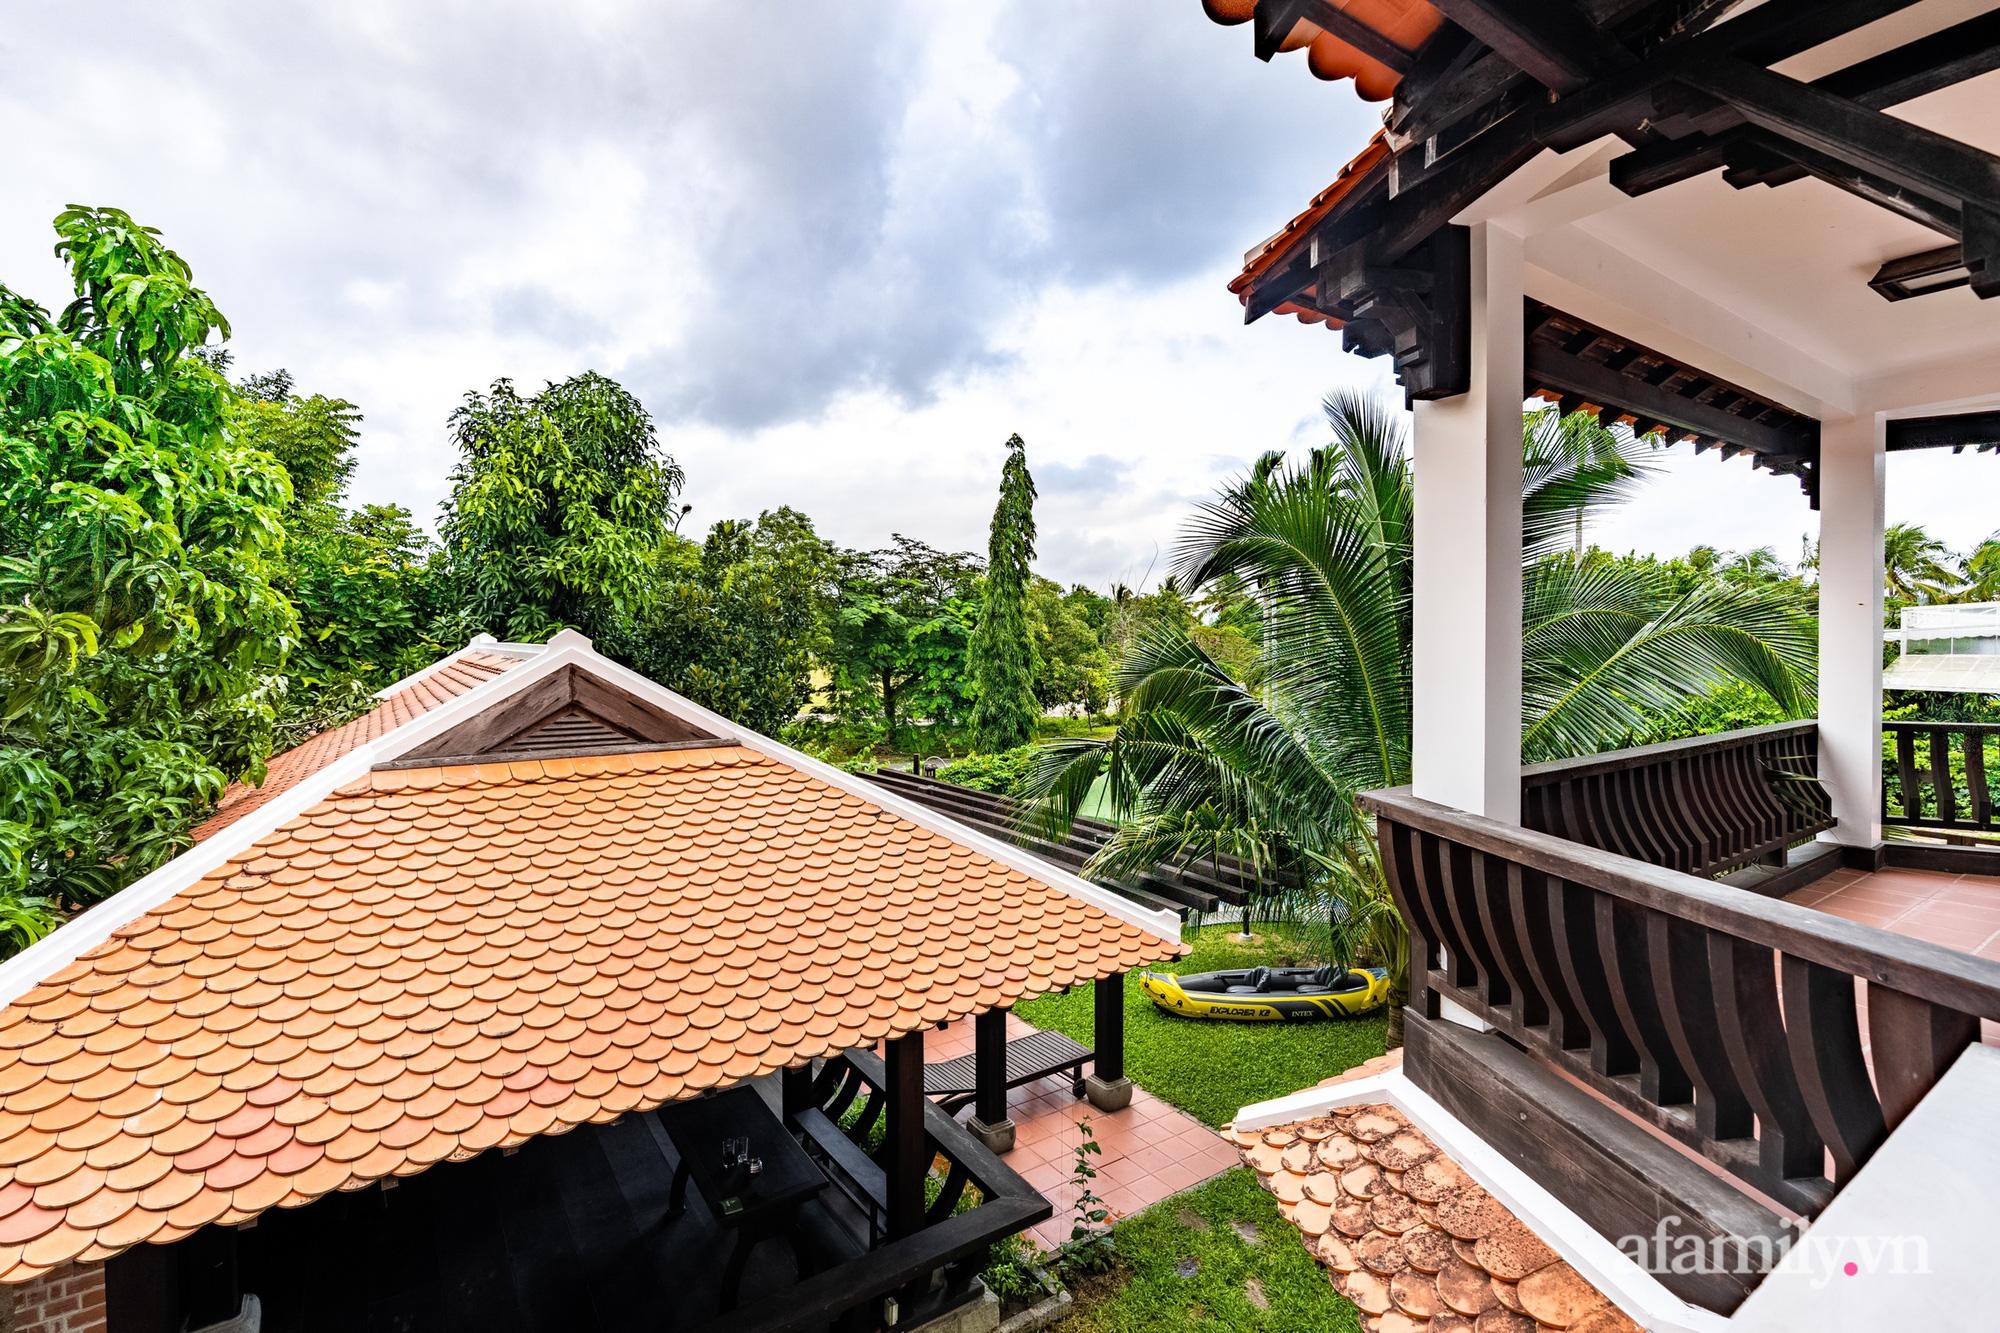 Căn nhà vườn xây 10 năm vẫn đẹp hút mắt với nội thất gỗ và cây xanh quanh nhà ở Nha Trang-26